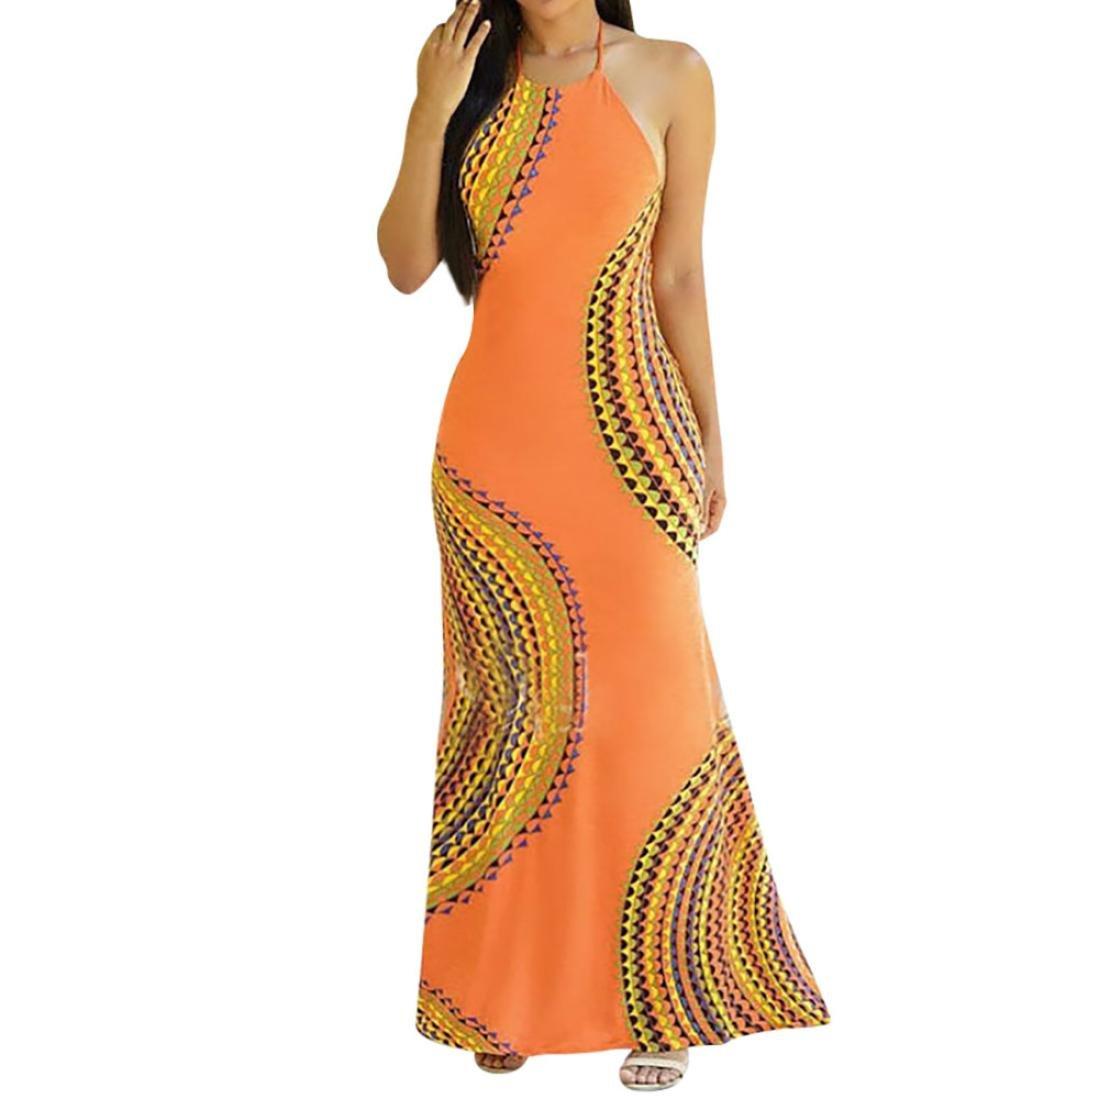 JYC Verano Falda Larga, Vestido De La Camiseta Encaje, Vestido Elegante Casual, Vestido Fiesta Mujer Largo Boda, Mujer Verano Escotado por Detrás Largo ...